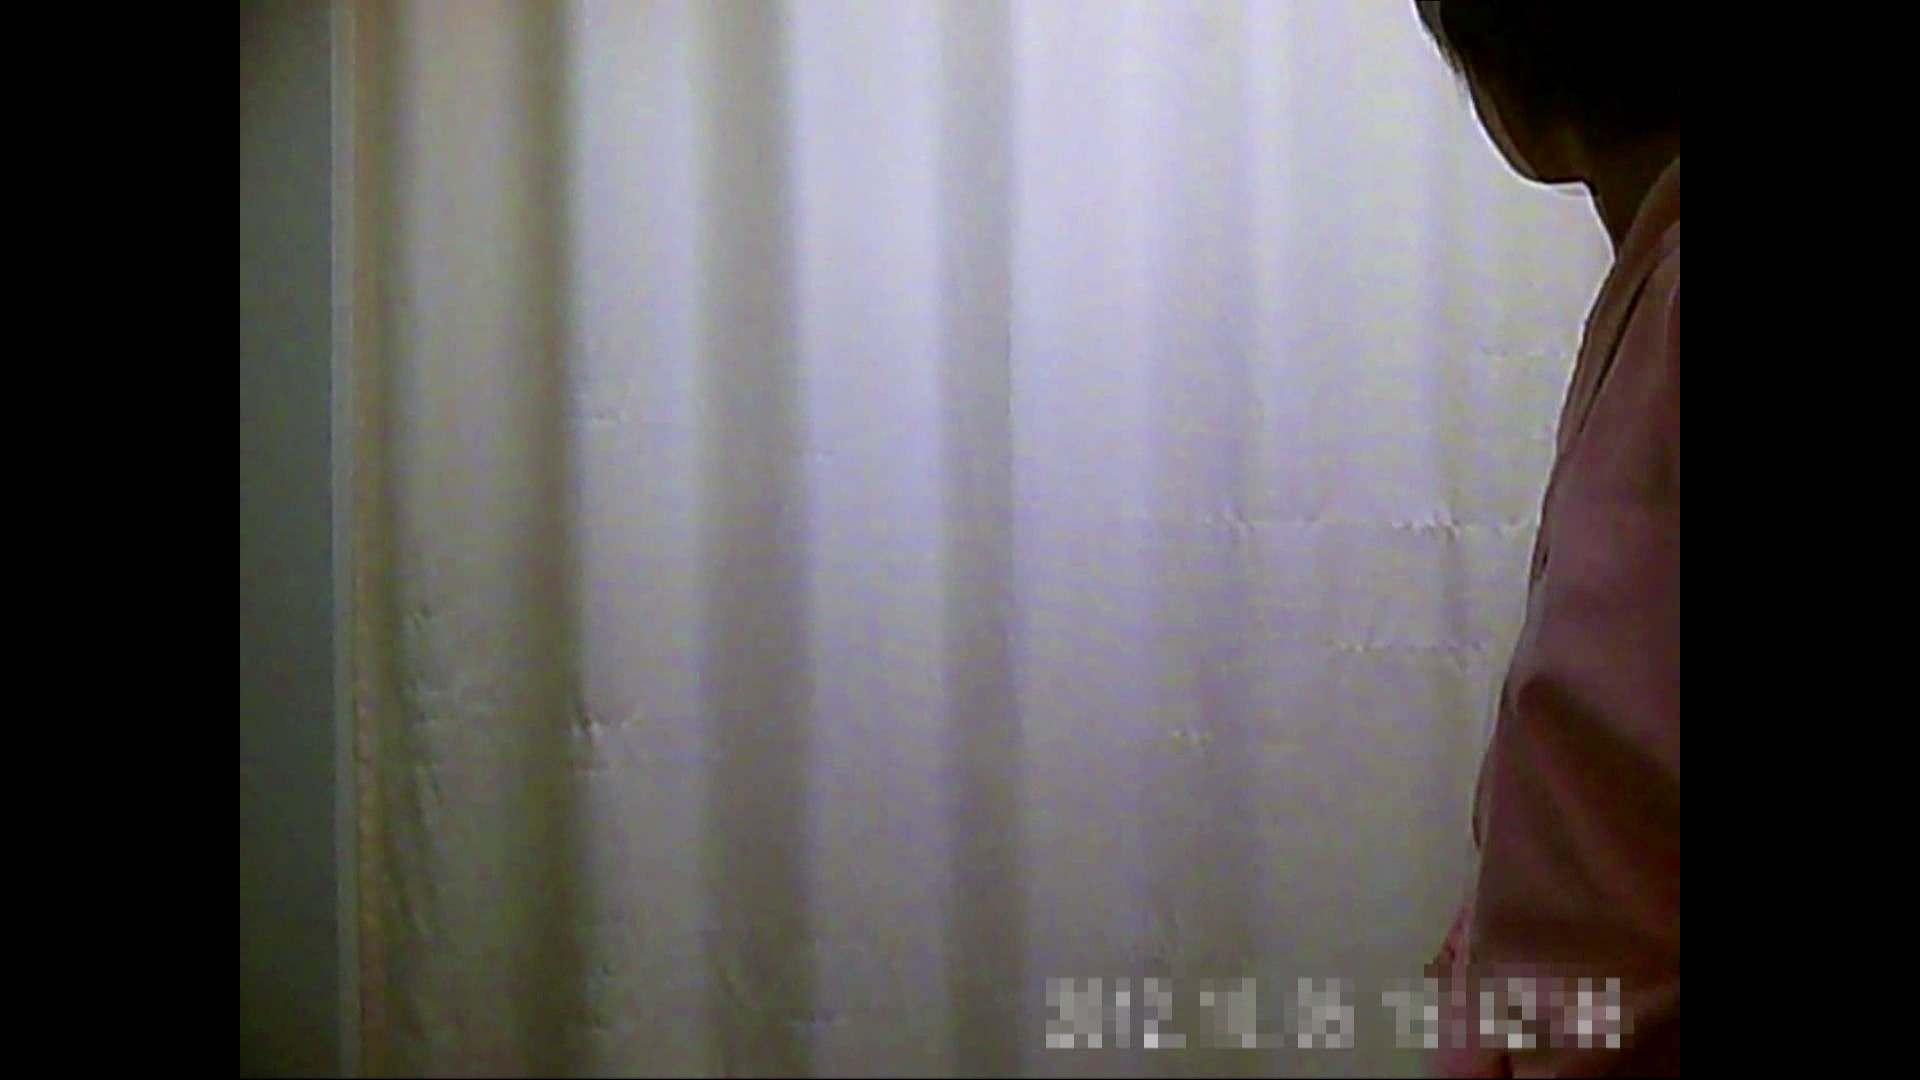 病院おもいっきり着替え! vol.230 OLの実態 のぞきエロ無料画像 85pic 30